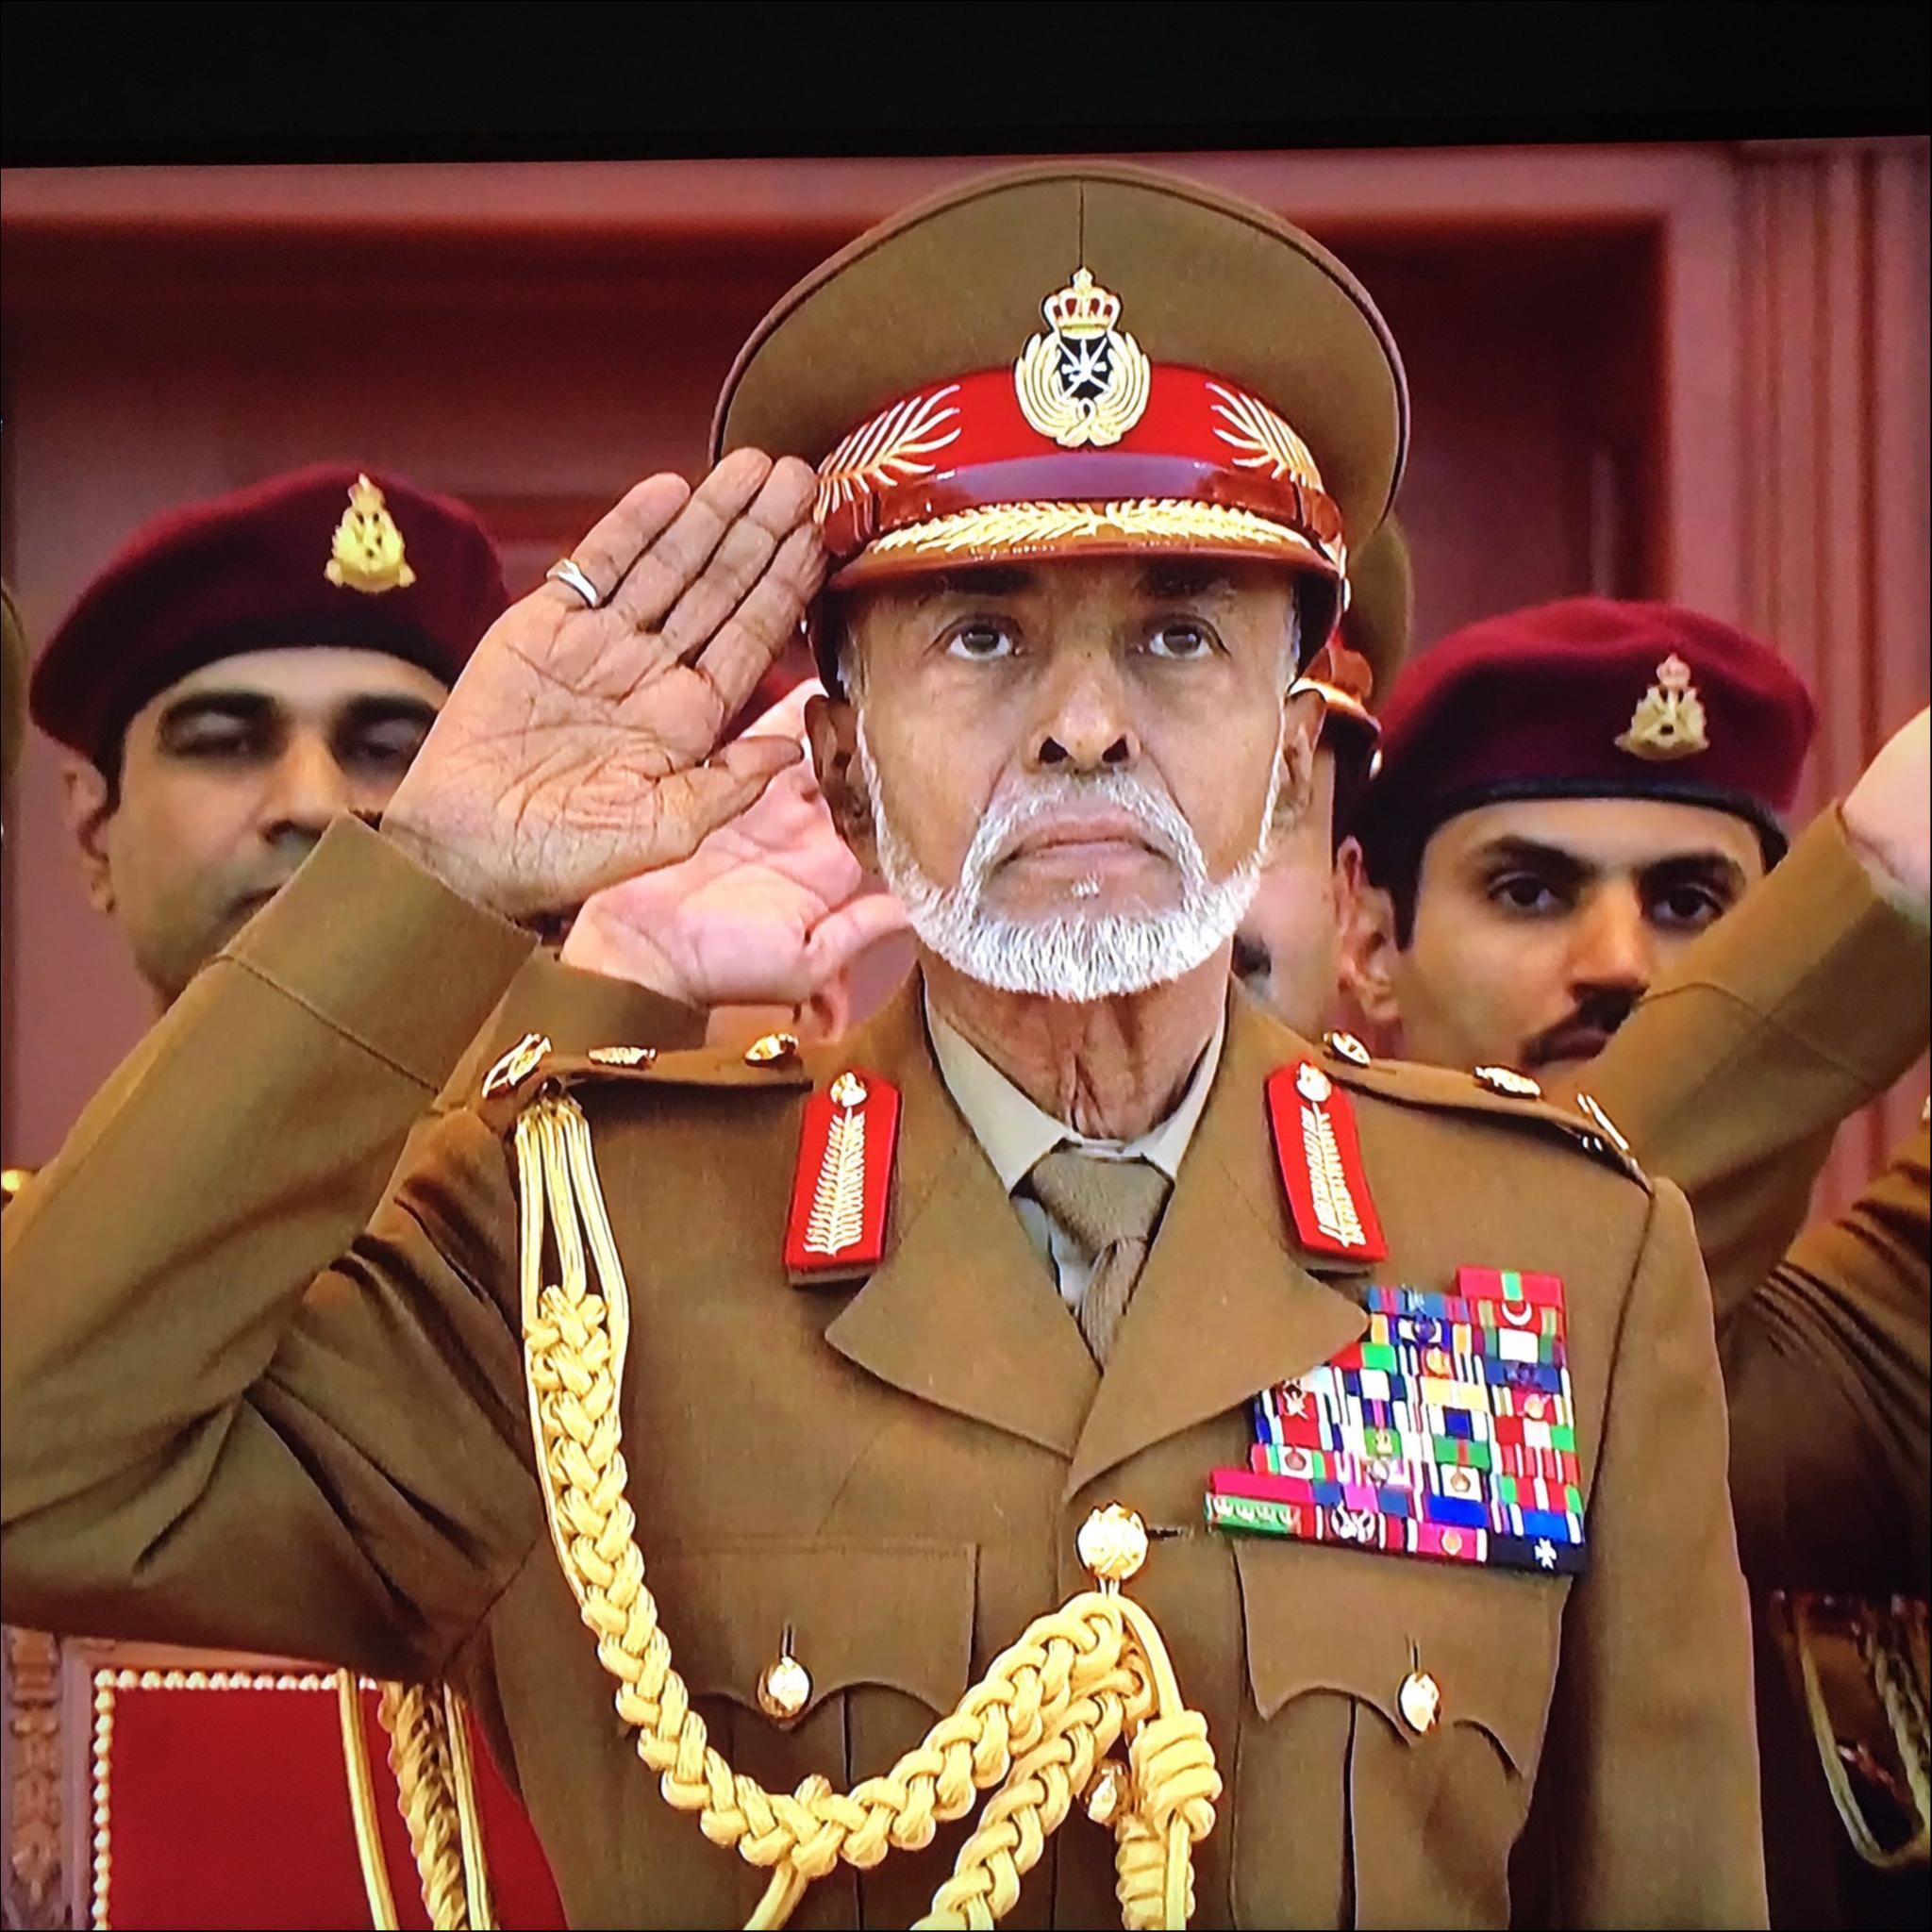 العميد الركن / سعيد بخيت تبوك لحظة استأذان جلالته لبدأ العرض العسكري